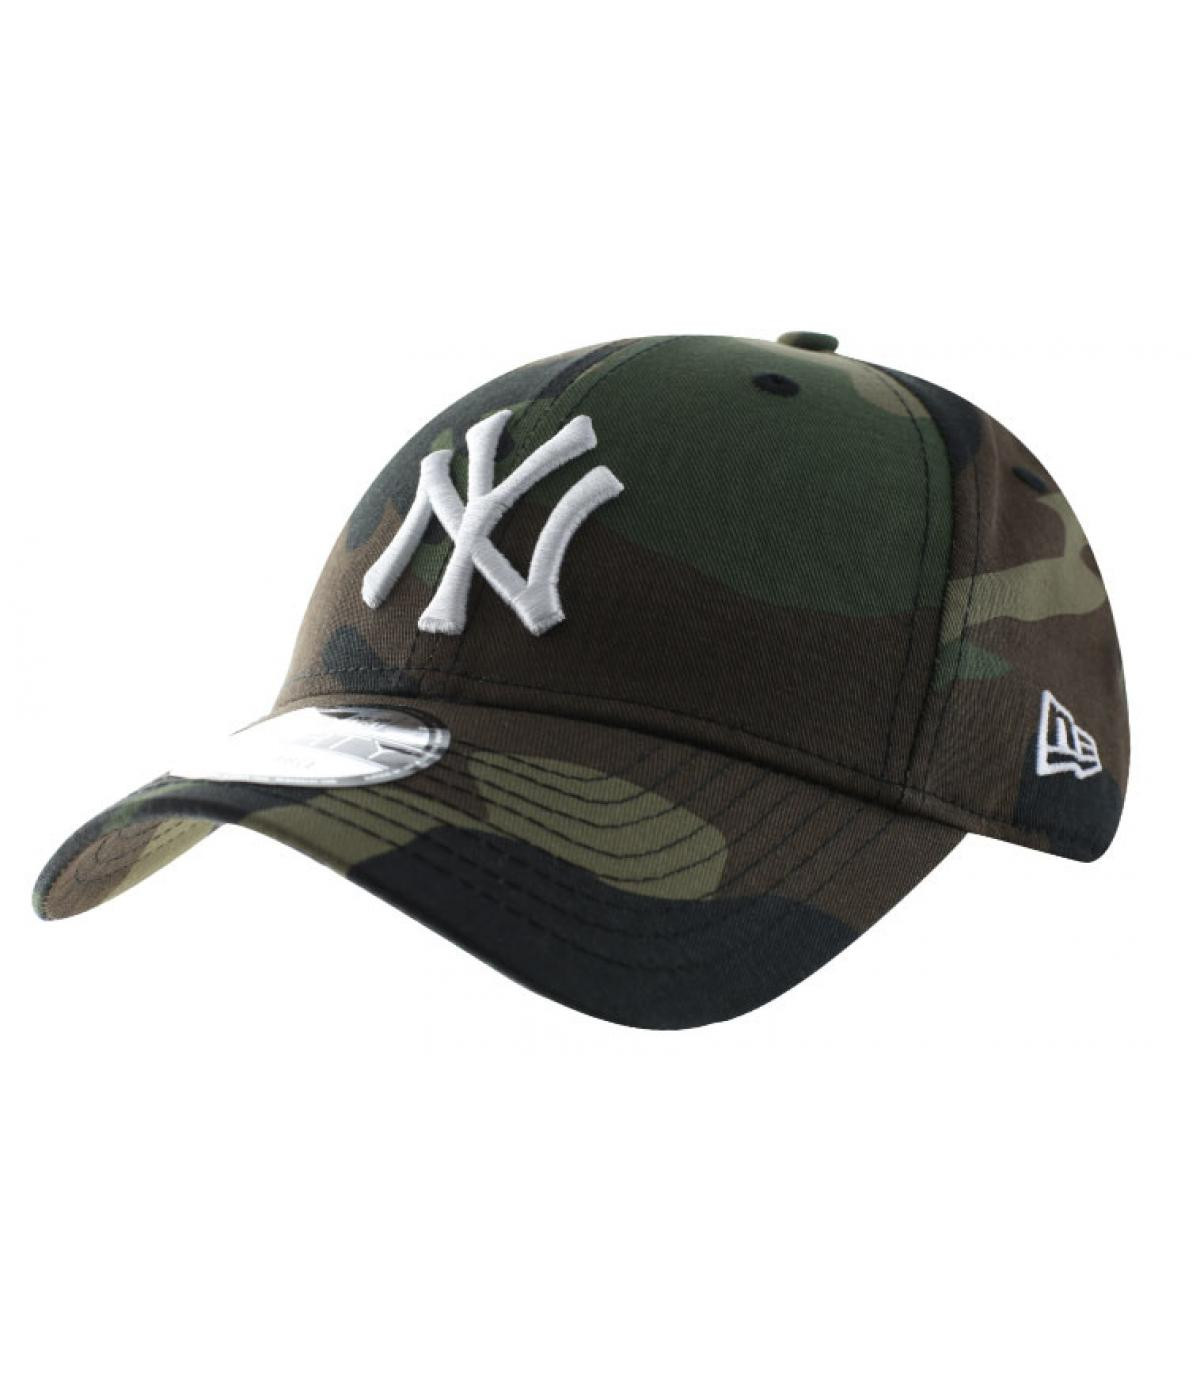 d4dee476d4f4 casquette curve camo NY - Casquette NY MLB League camo par New Era ...